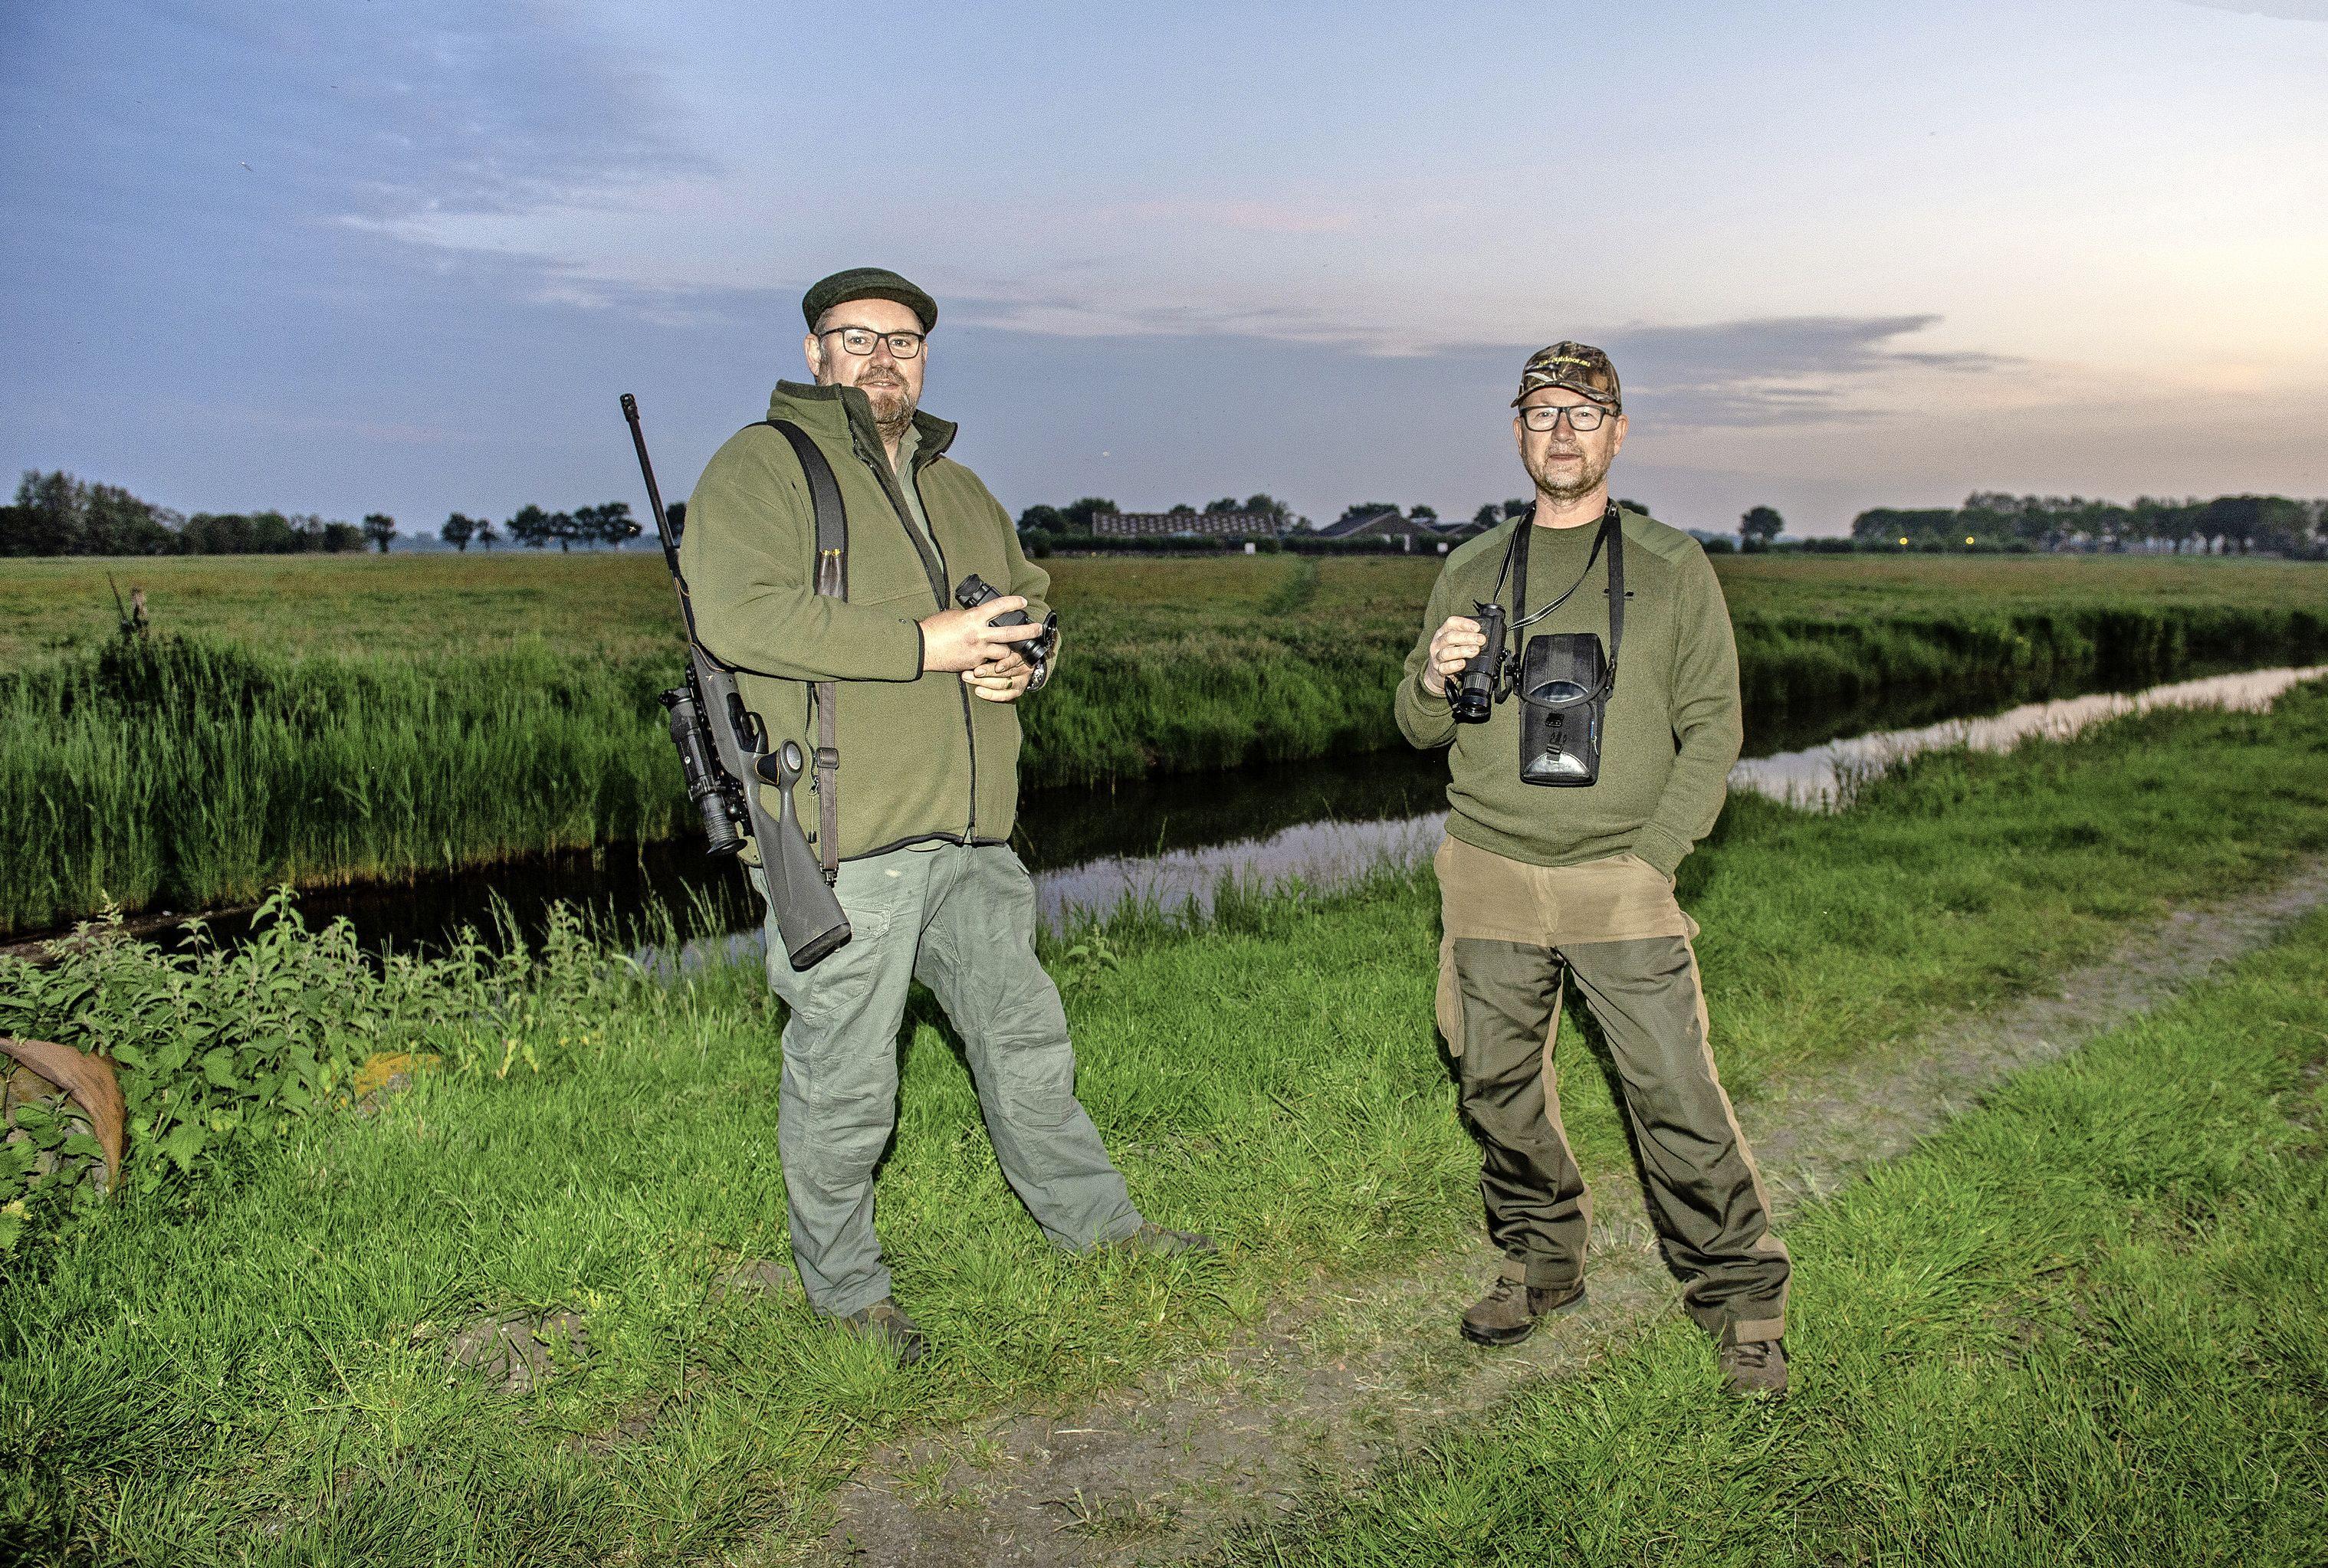 Met nachtkijkers op jacht in de polder met Bas en Dennis. 'Is het witte stipje een vos of een kat?'